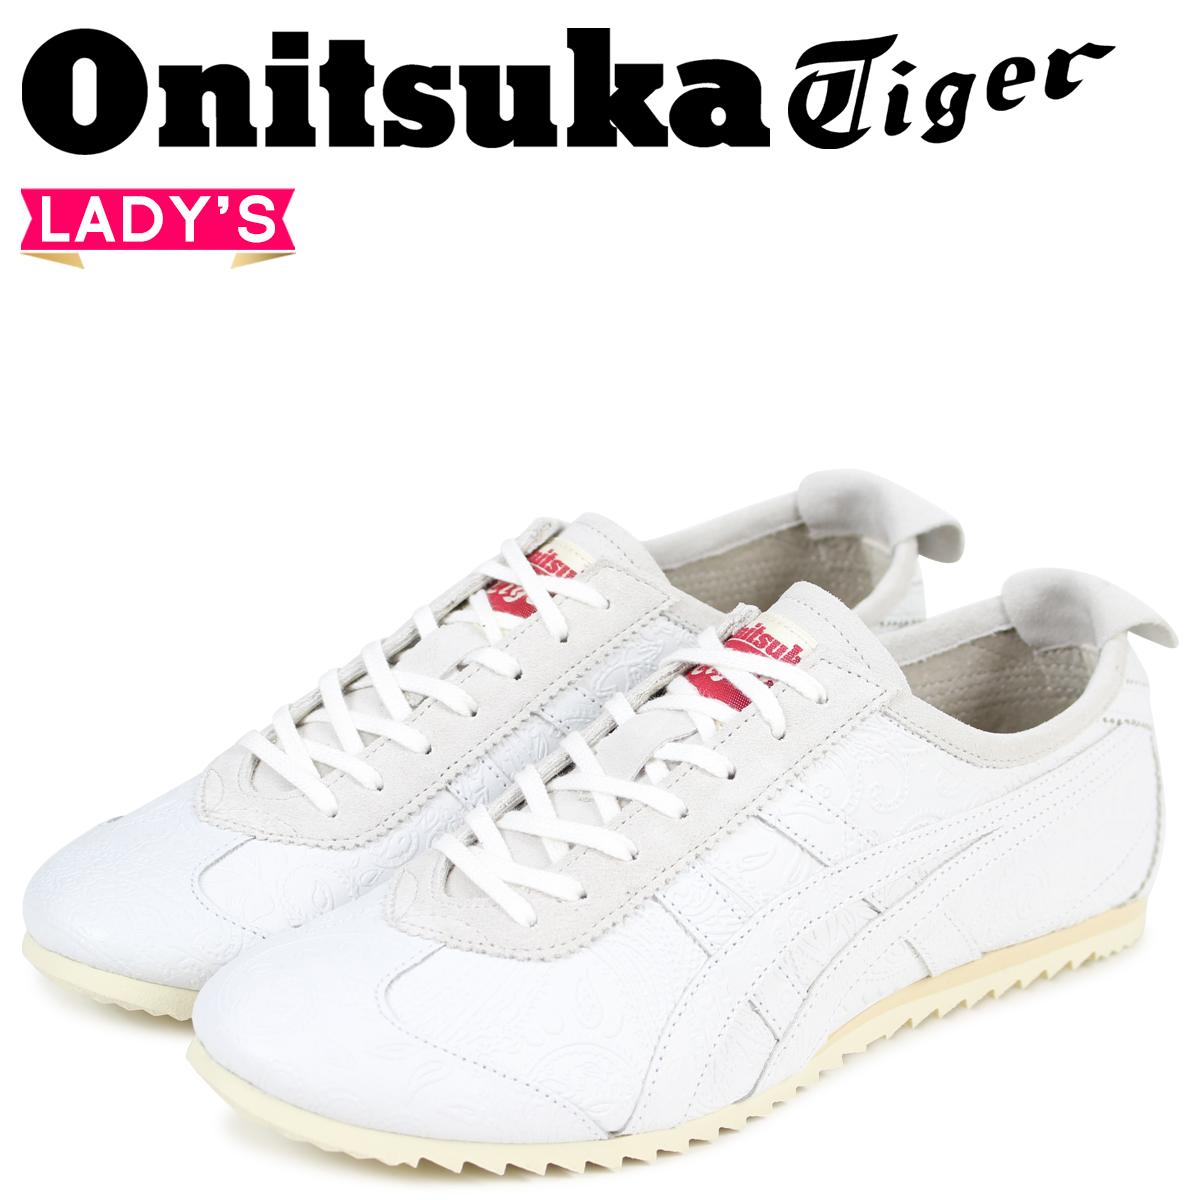 【最大2000円OFFクーポン配布】 Onitsuka Tiger リンバー UD プレステージ オニツカタイガー LIMBER PRESTIGE レディース スニーカー D8B9L-0101 ホワイト